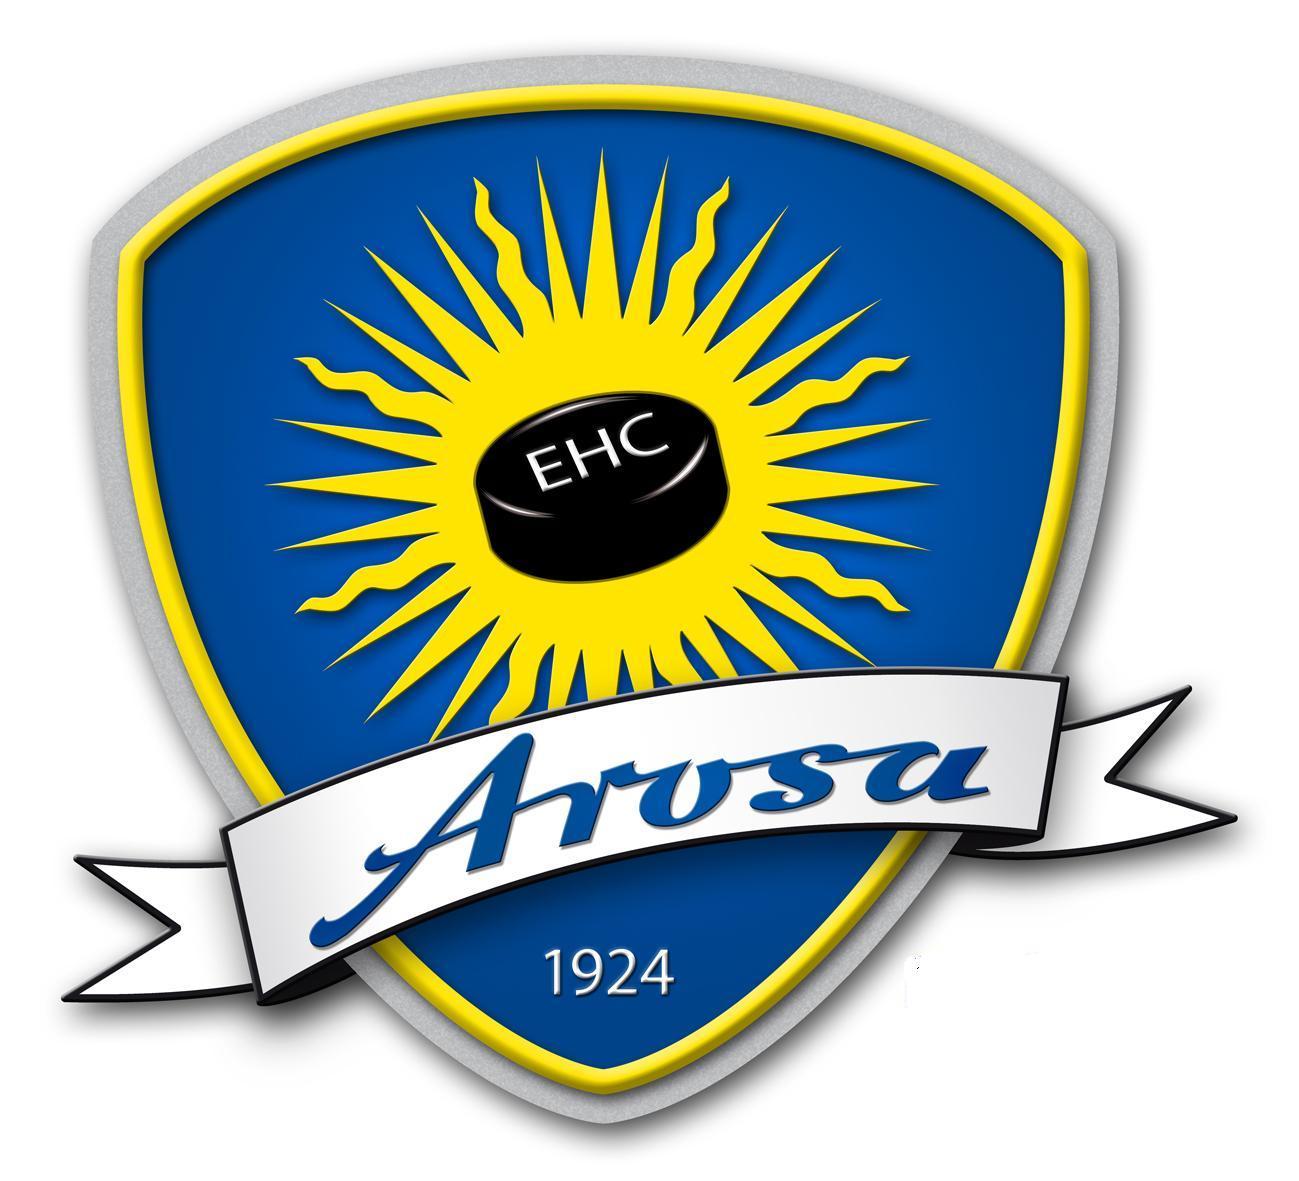 sponsor ehc-aros